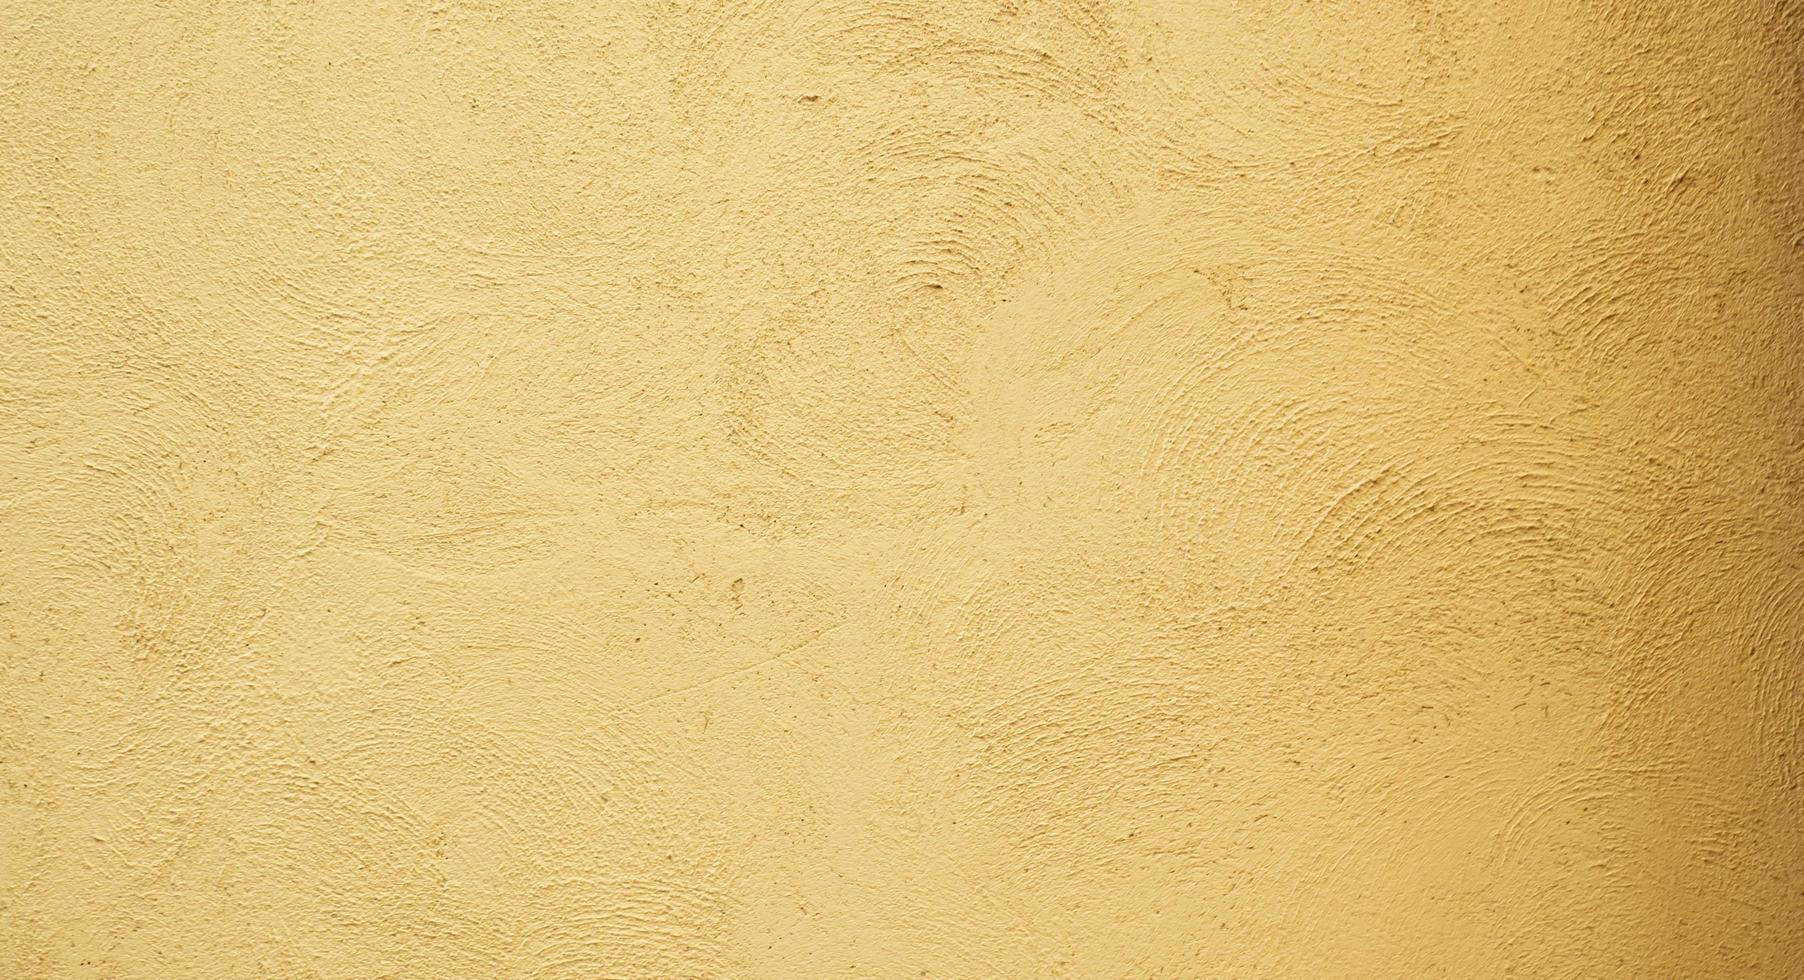 abstrakt bakgrund från stuckaturbetongvägg foto